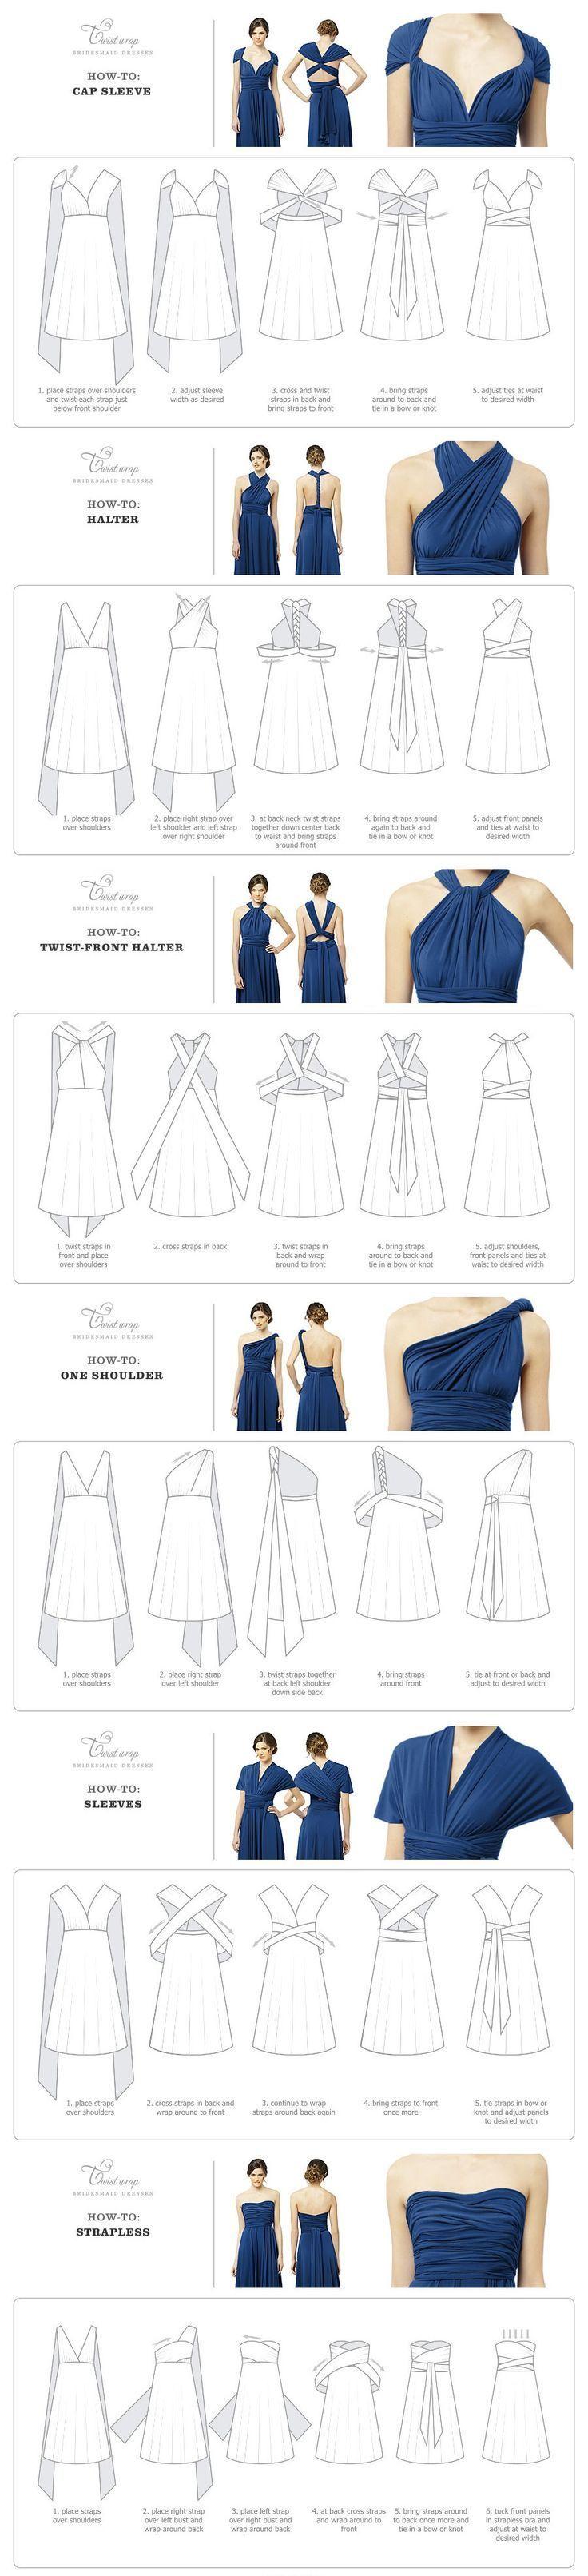 Twist Wrap Dress - How-To-Wear Instructions #flatlay #flatlays #flatlayapp www.theflatlay.com